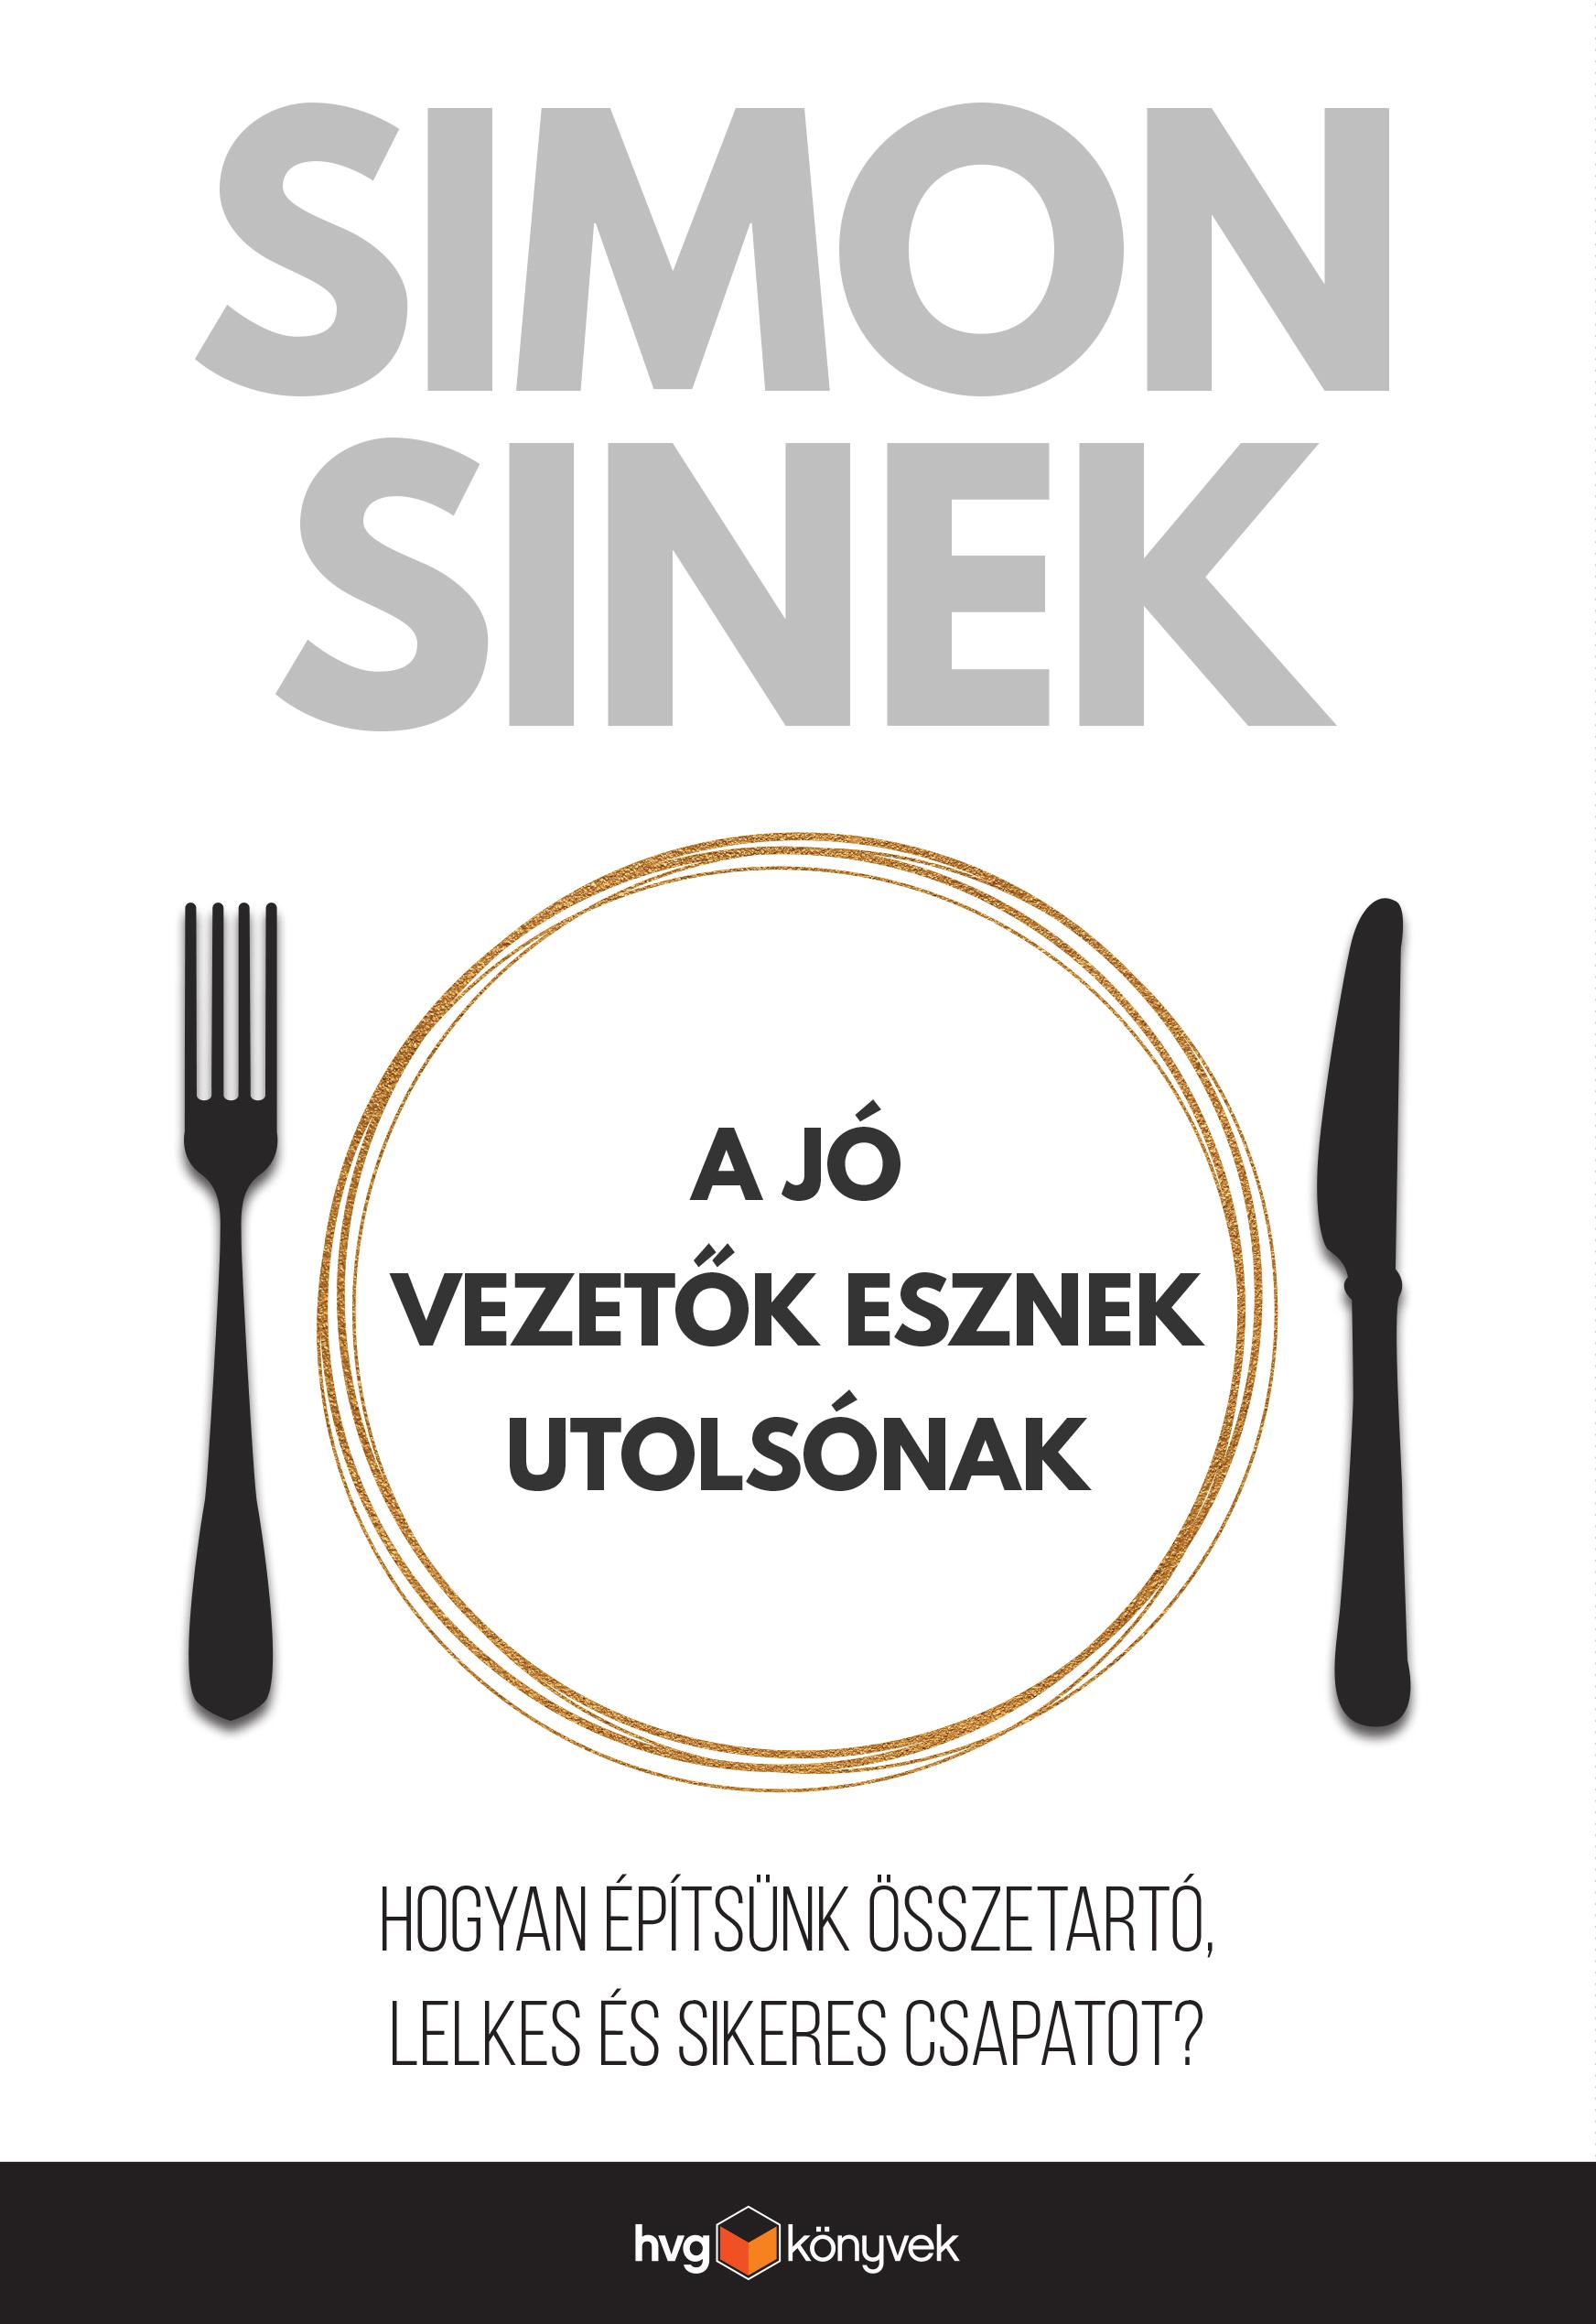 Simon Sinek: A jó vezetők esznek utolsónak